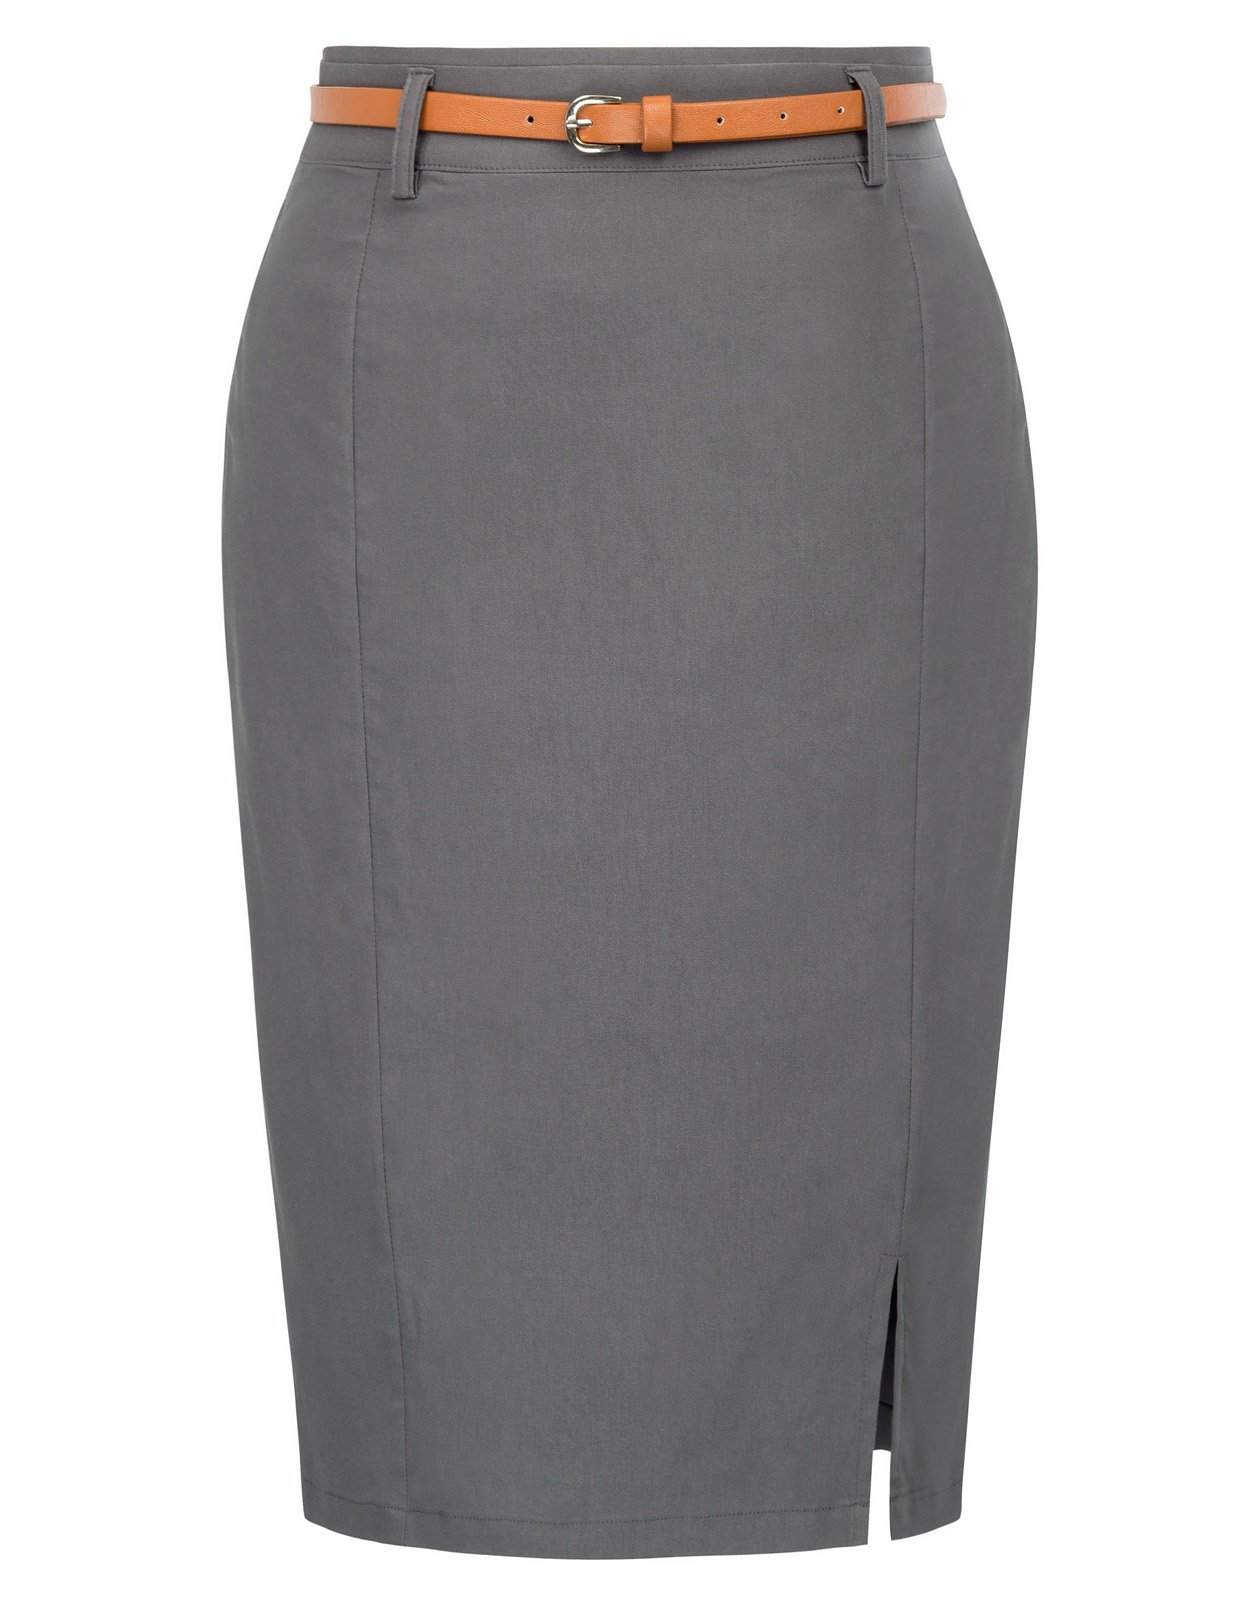 Women's Split Design Business Office Bodycon Pencil Size L Dark Grey KK856-2